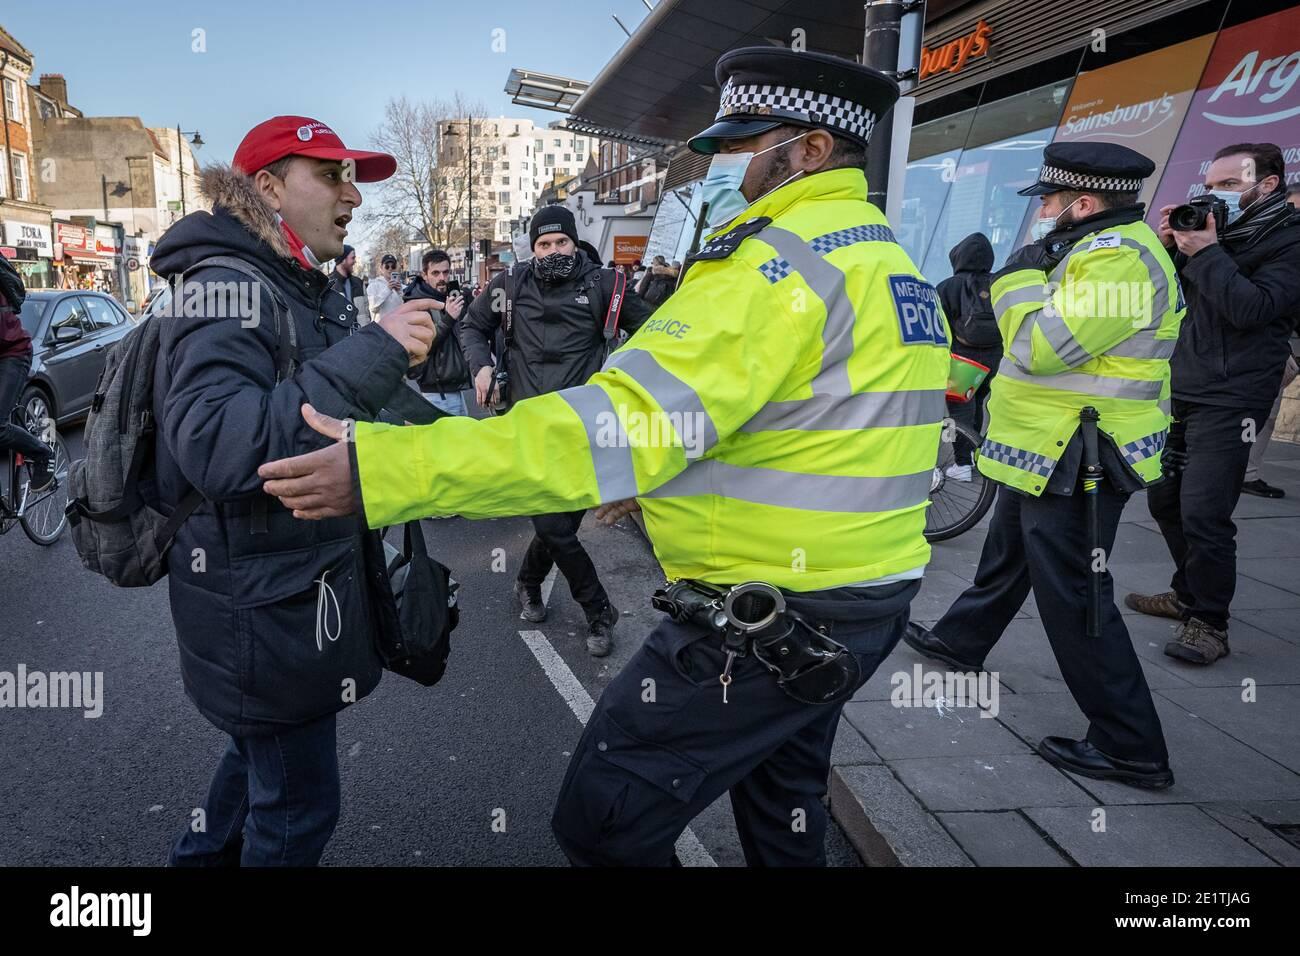 Coronavirus: Des arrestations sont effectuées au cours d'une tentative de rassemblement anti-verrouillage à Clapham Common contre les restrictions actuelles du gouvernement COVID19, Royaume-Uni. Banque D'Images